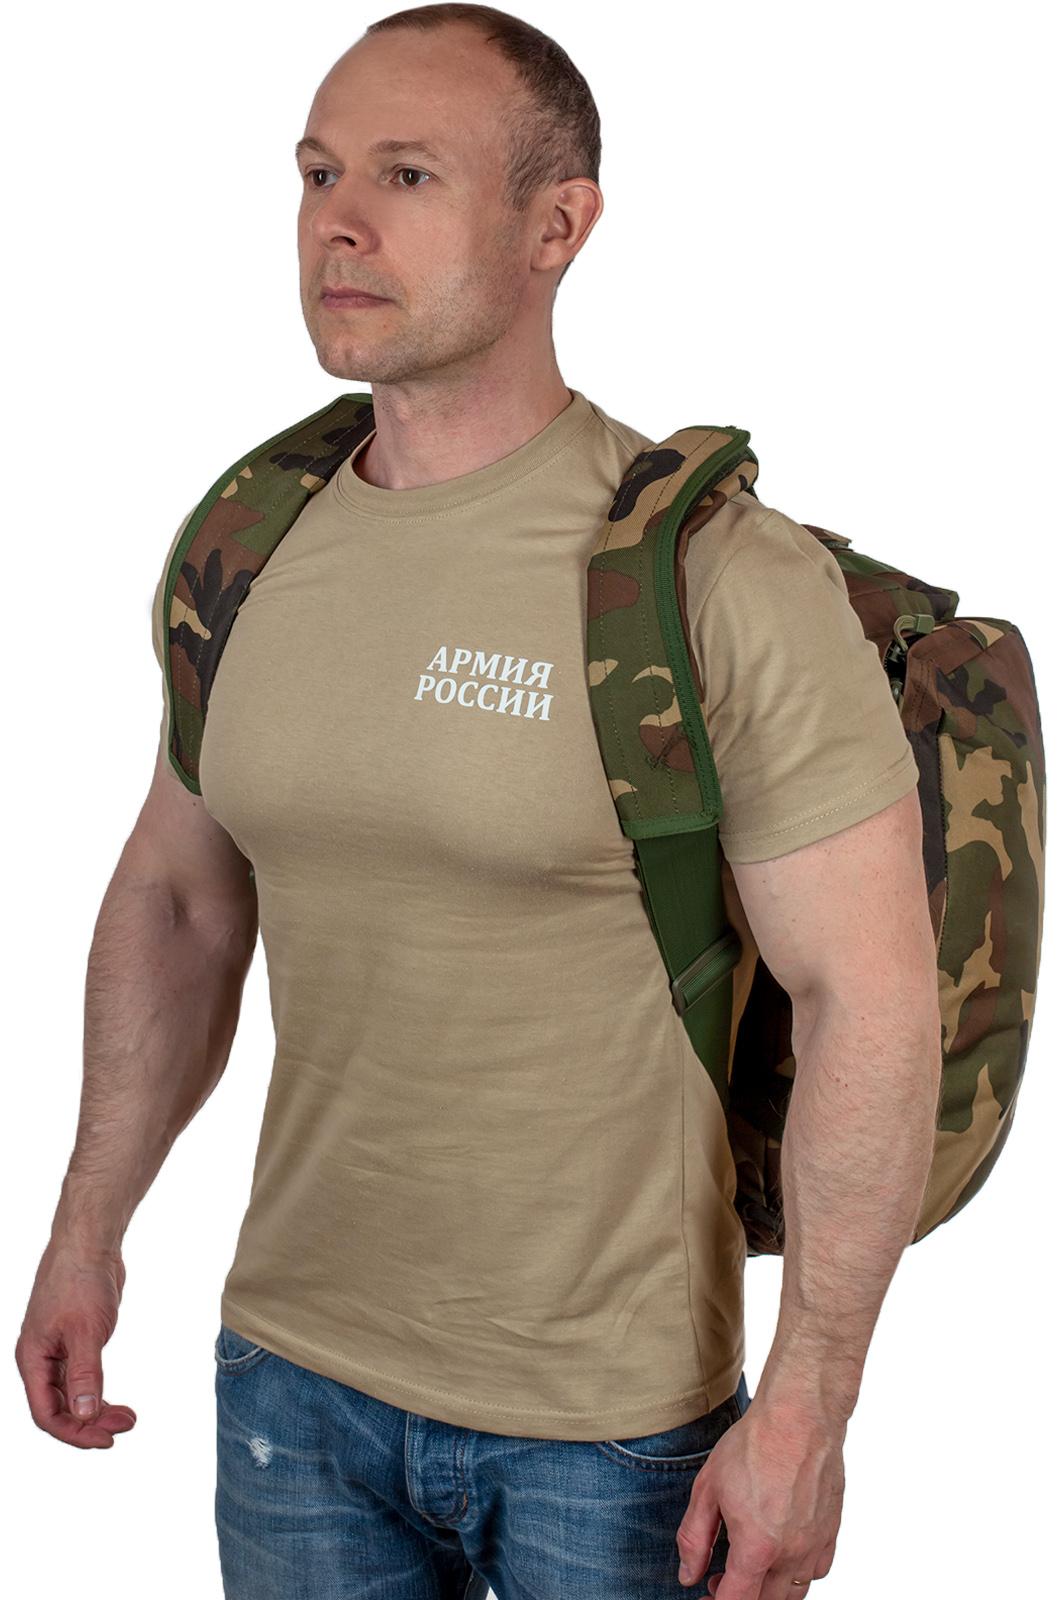 Практичная дорожная сумка-рюкзак с шевроном Охотничьего спецназа купить с доставкой